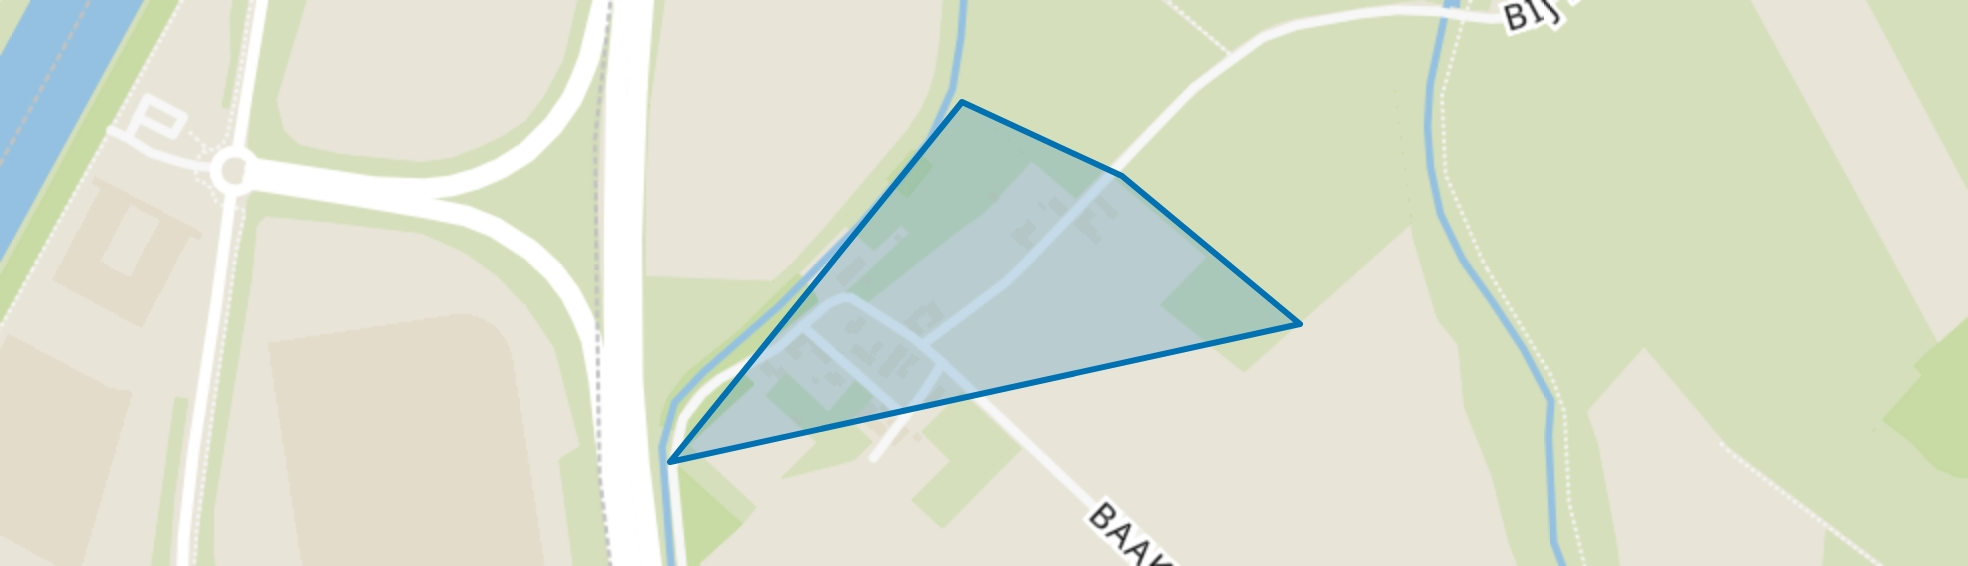 Baakhoven, Susteren map